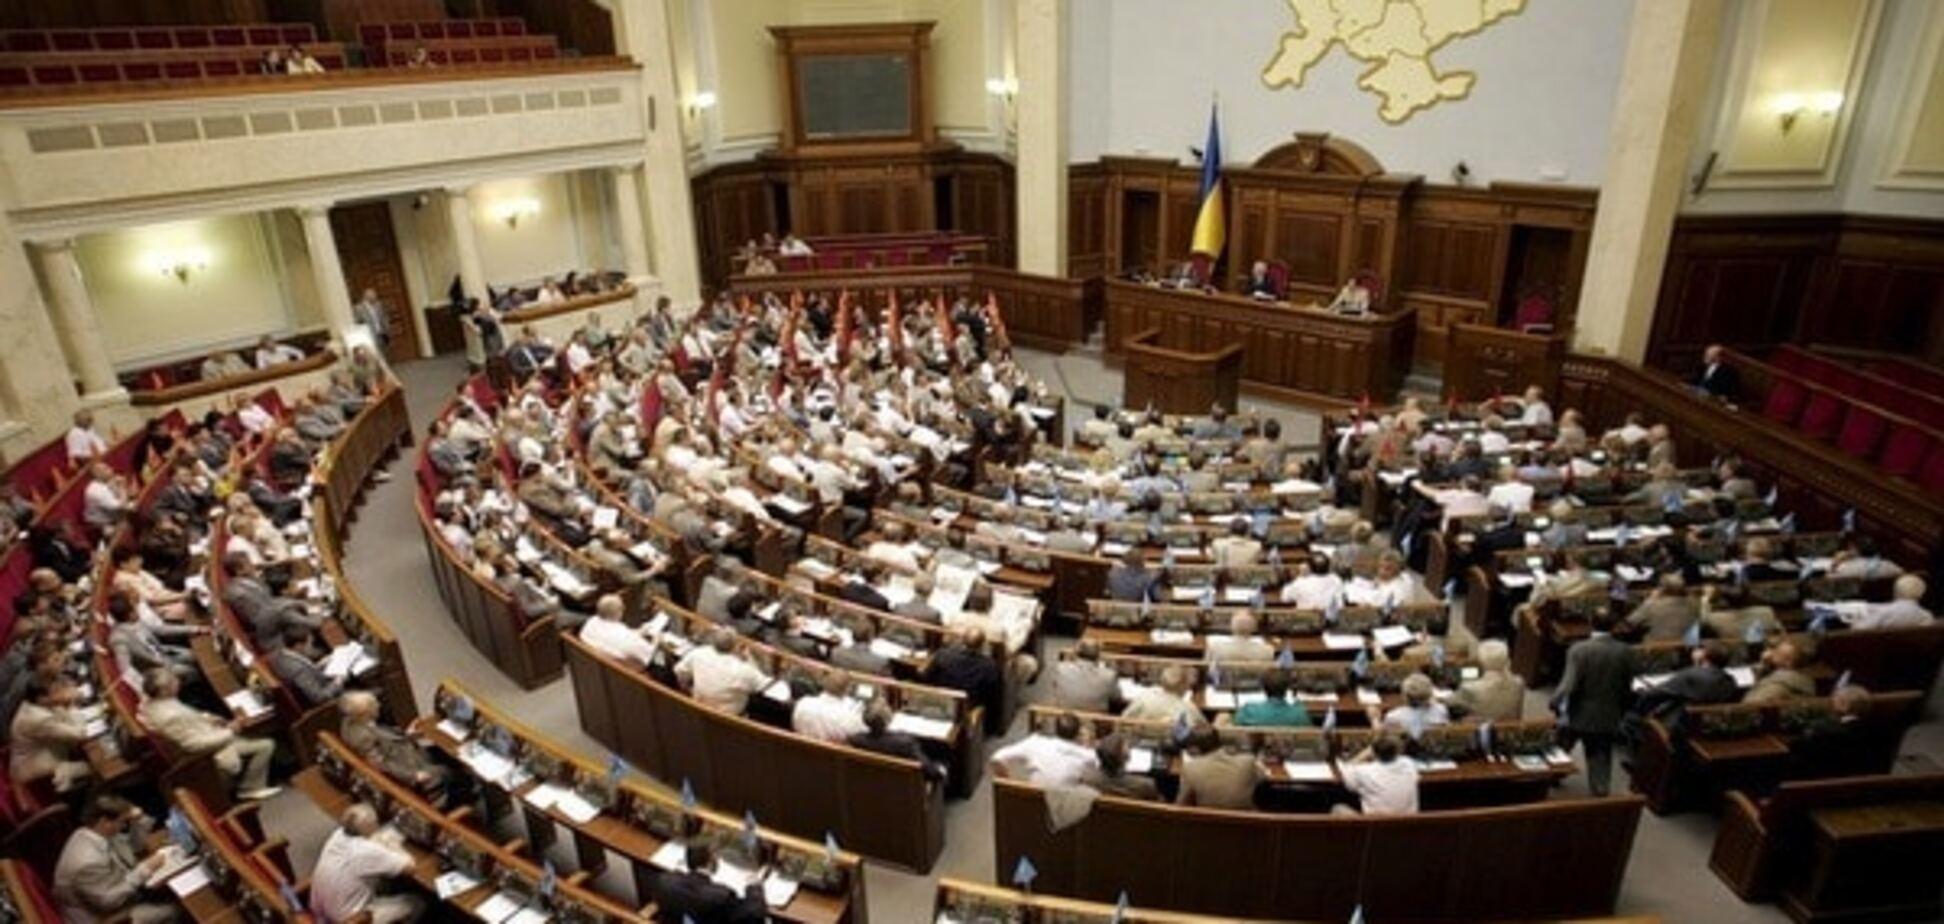 Наколесили: поездки парламентариев по Украине обошлись в 1,7 млн грн